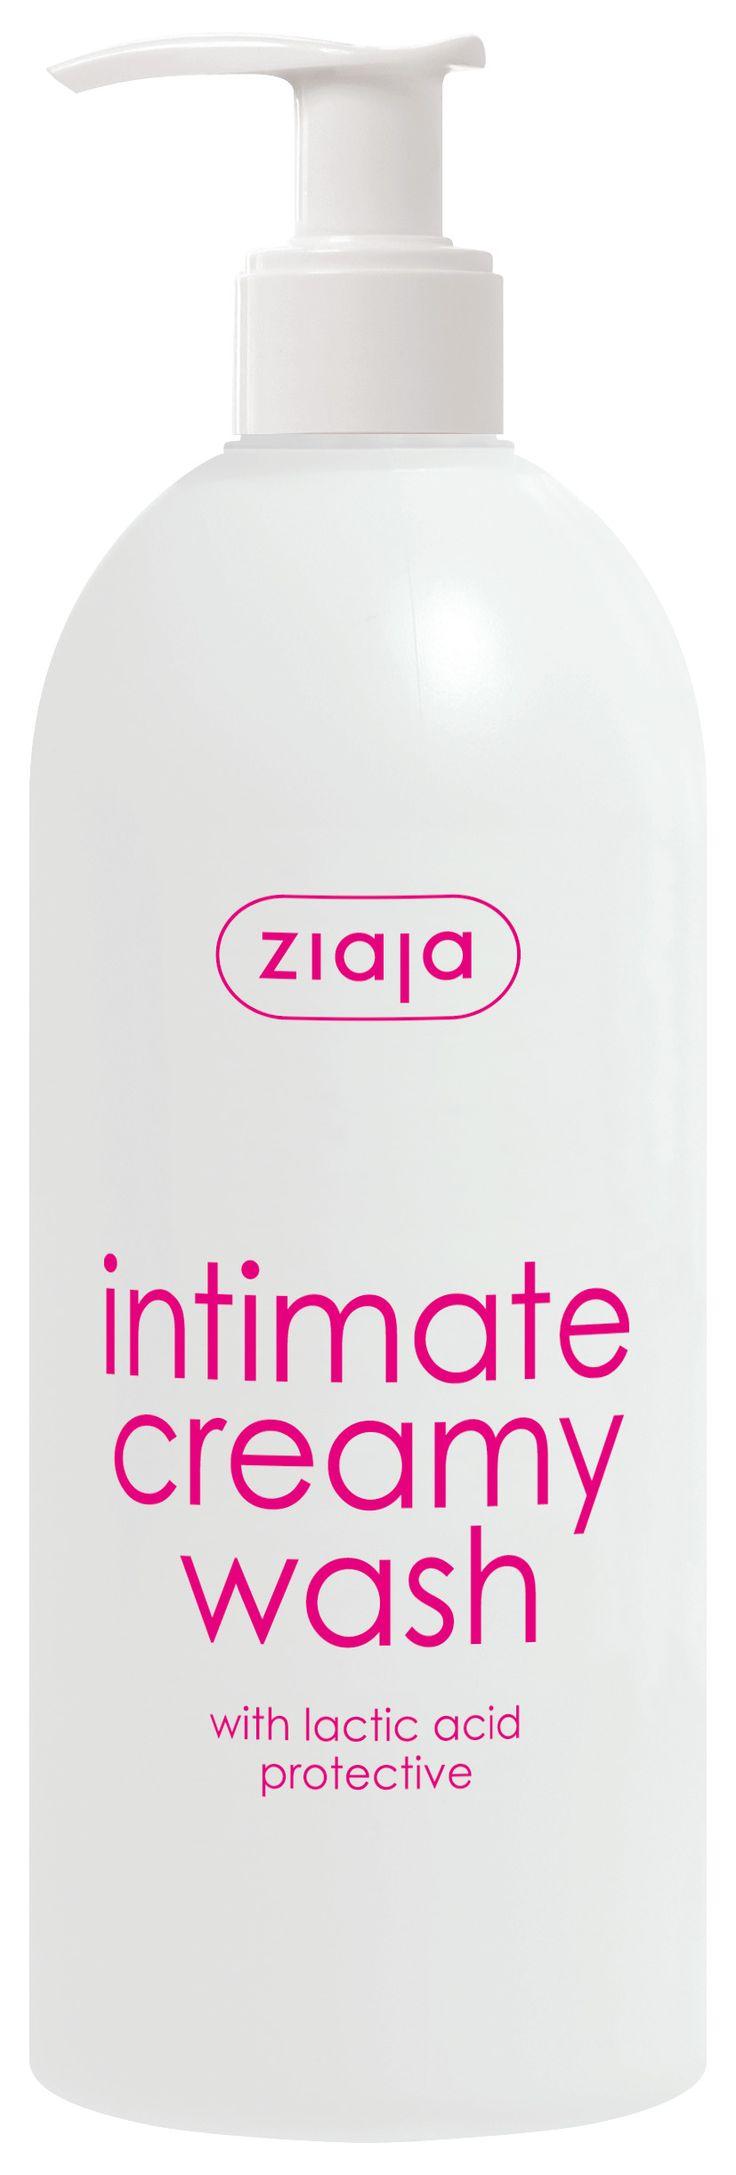 Válassza az antibakteriális hatású Ziaja intim krémes mosakodót, mely tejsavat tartalmaz!  http://www.ziajashop.hu/webaruhaz/ziaja-intim-kr%C3%A9mes-mosakod%C3%B3-tejsavval-500ml/